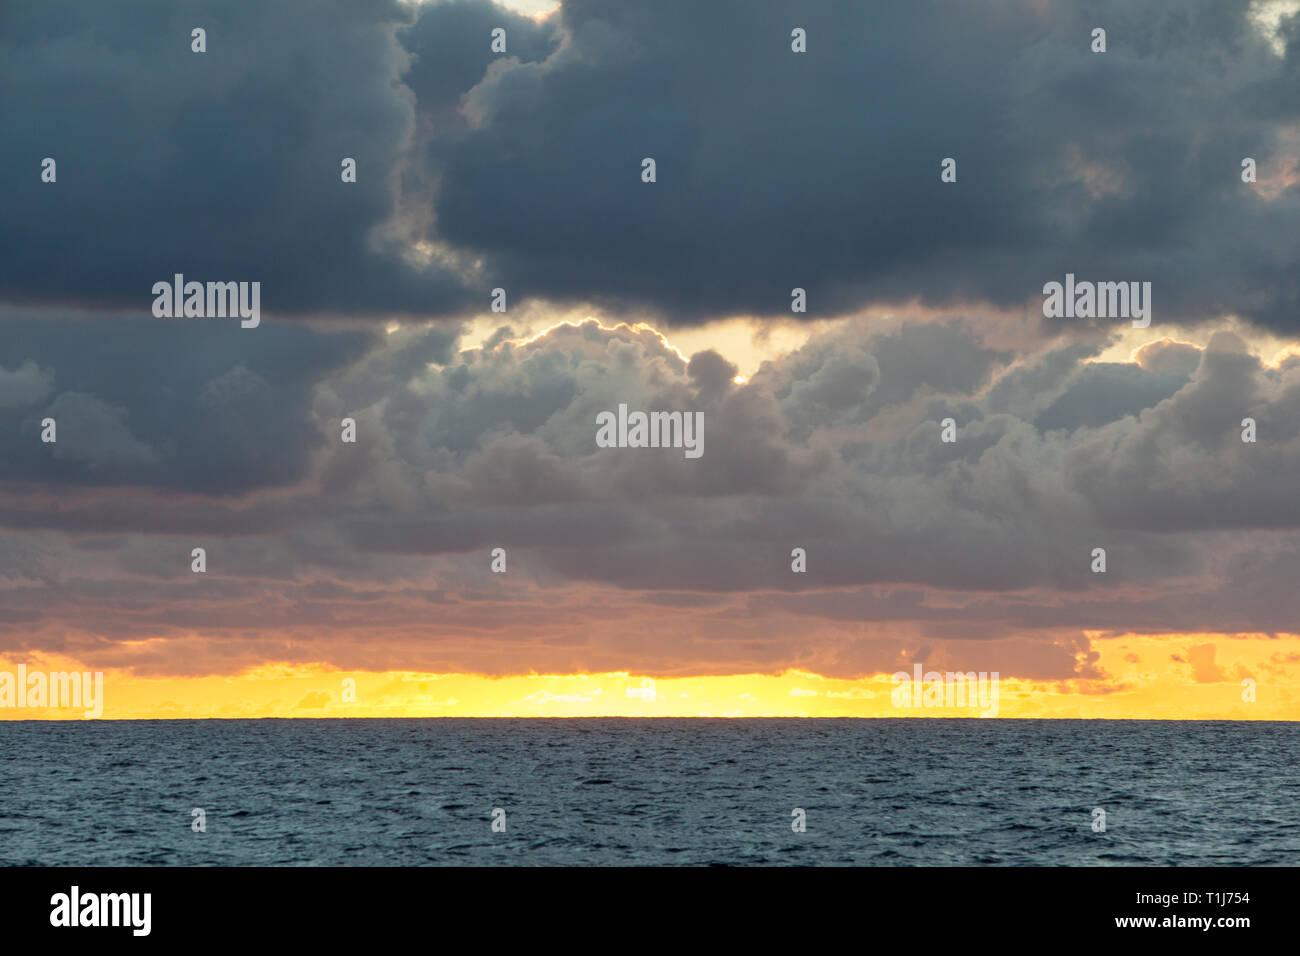 Un magnifique lever du soleil illumine les nuages au-dessus de la dérive sur la mer des Caraïbes. Banque D'Images